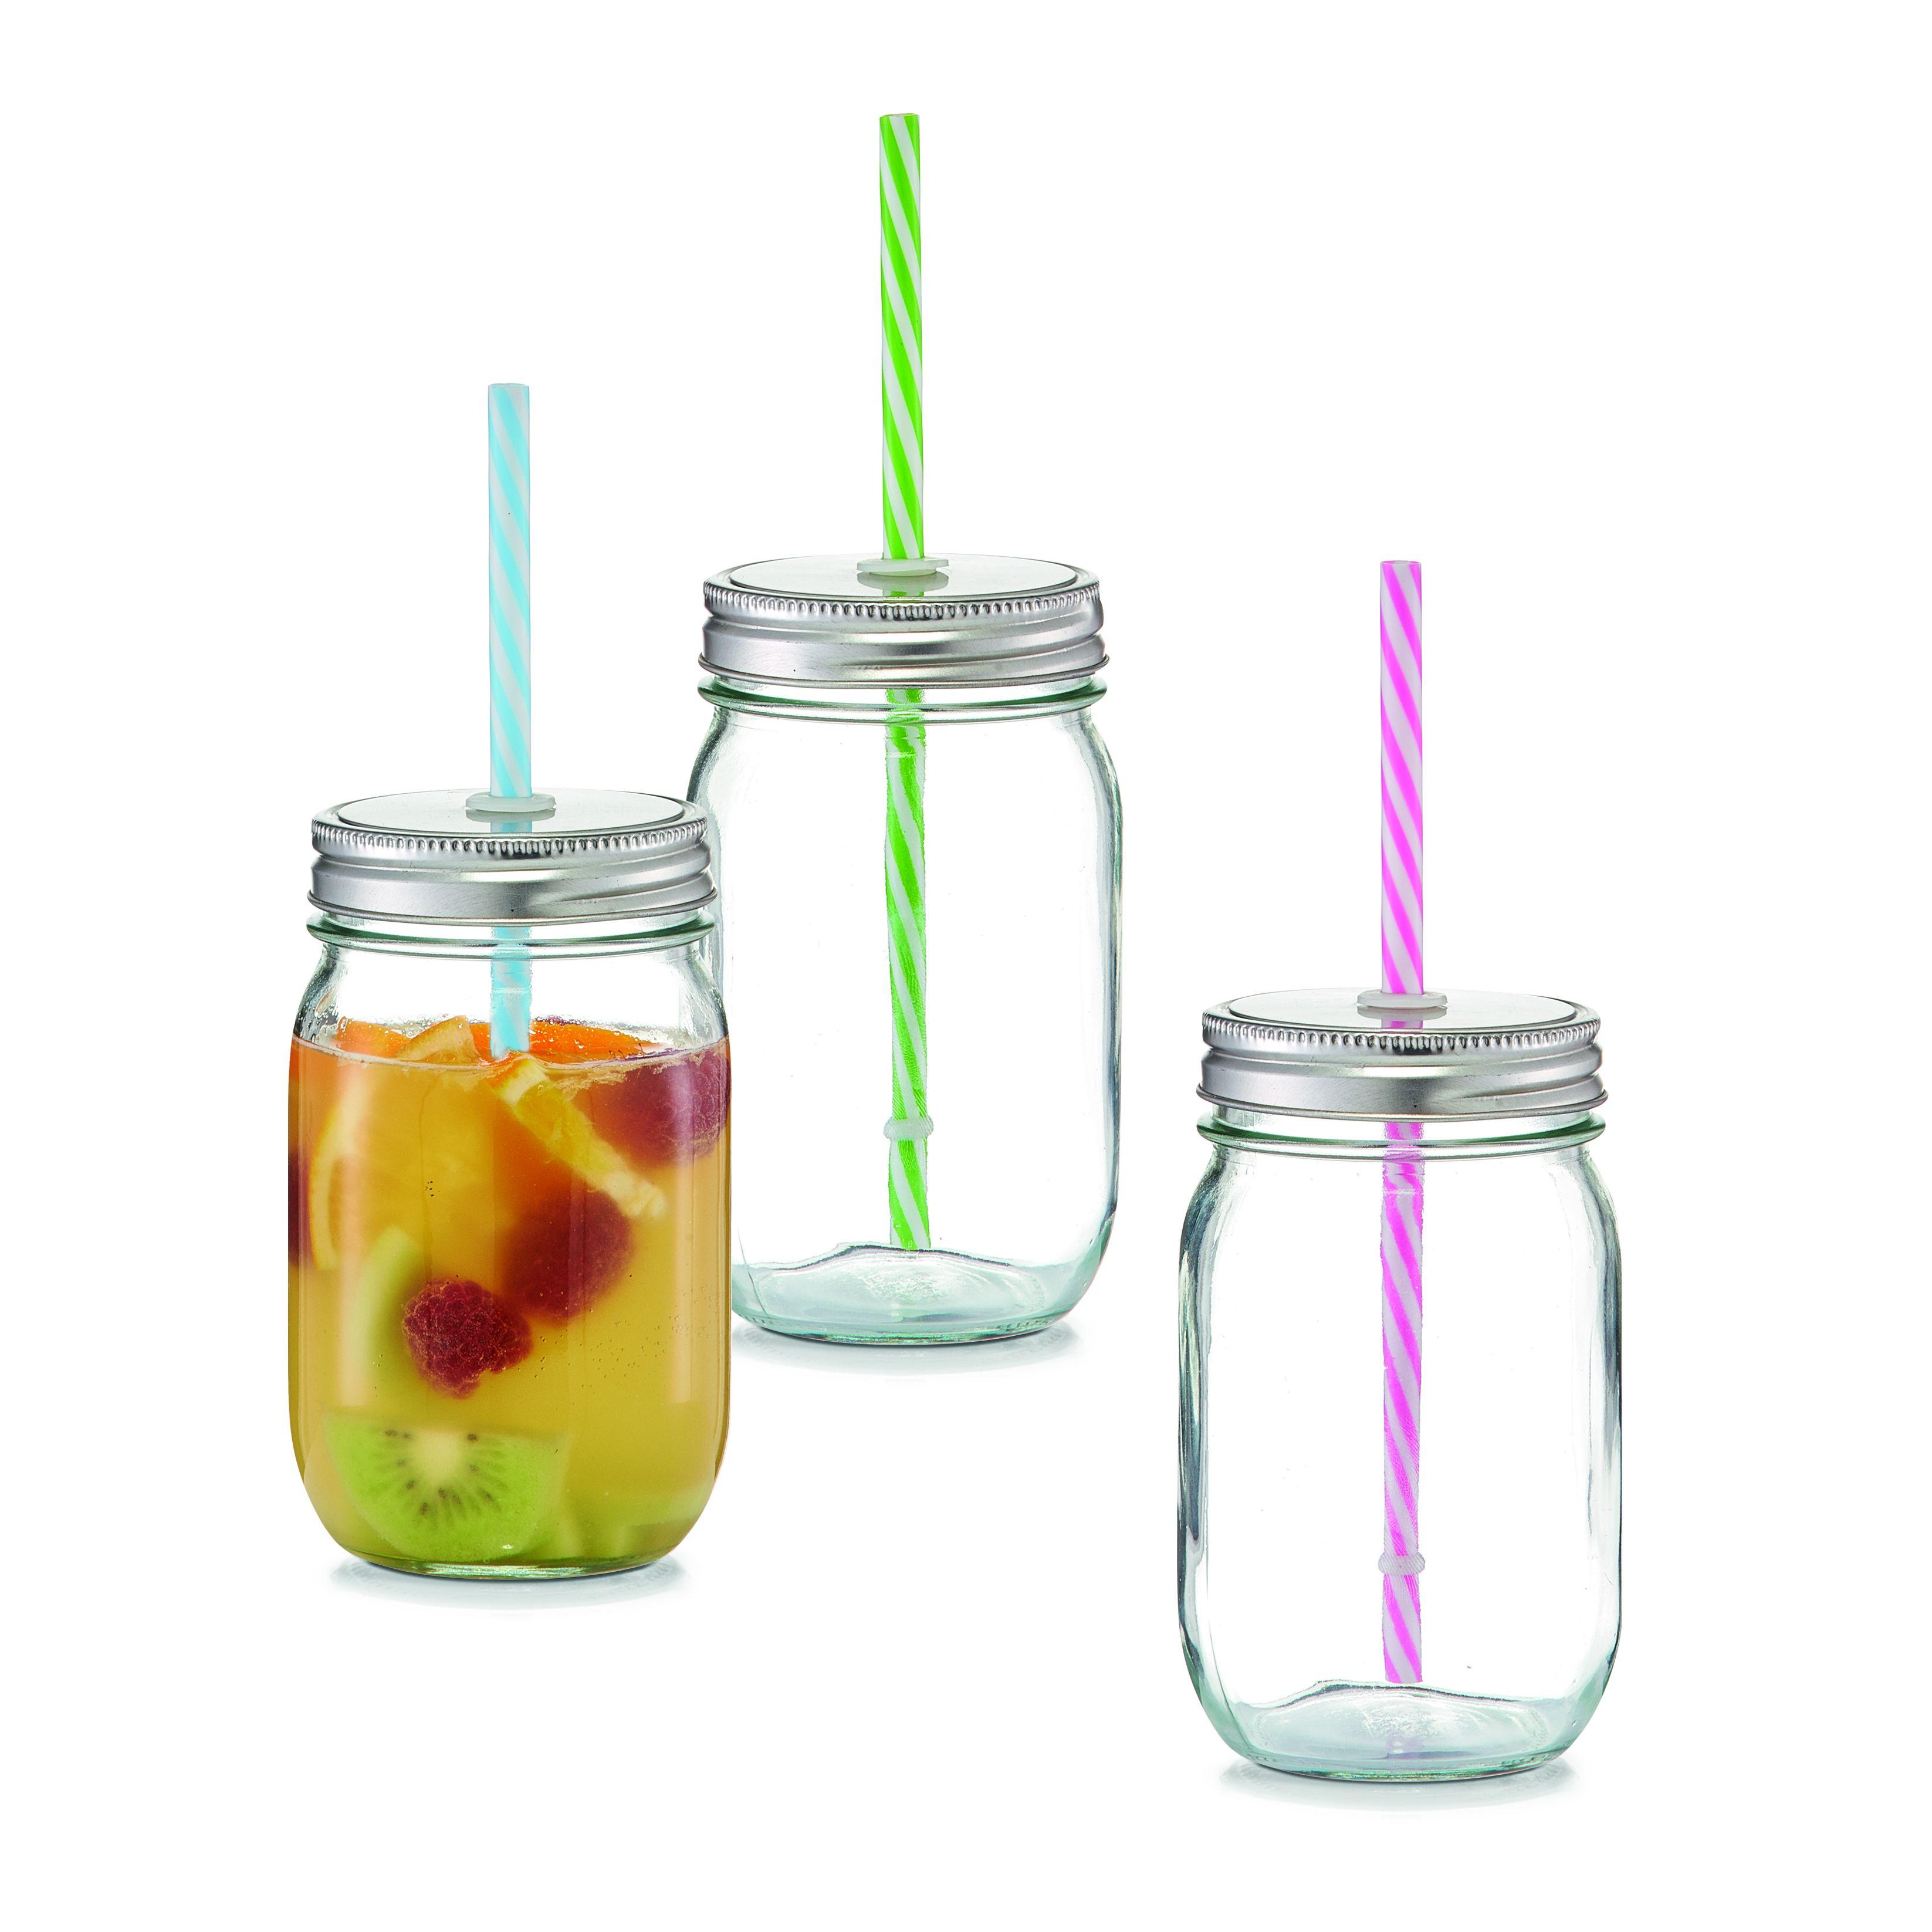 Емкость для напитков с трубочкой 470 мл., d-8х13Емкость Zeller, выполненная из высококачественного стекла в виде бутылки, снабжена трубочкой и пластиковой крышкой с отверстием для трубочки. Изделие предназначено для сока, воды и других напитков. Емкость очень удобна в использовании. Она пригодится как дома, так и на даче.<br>